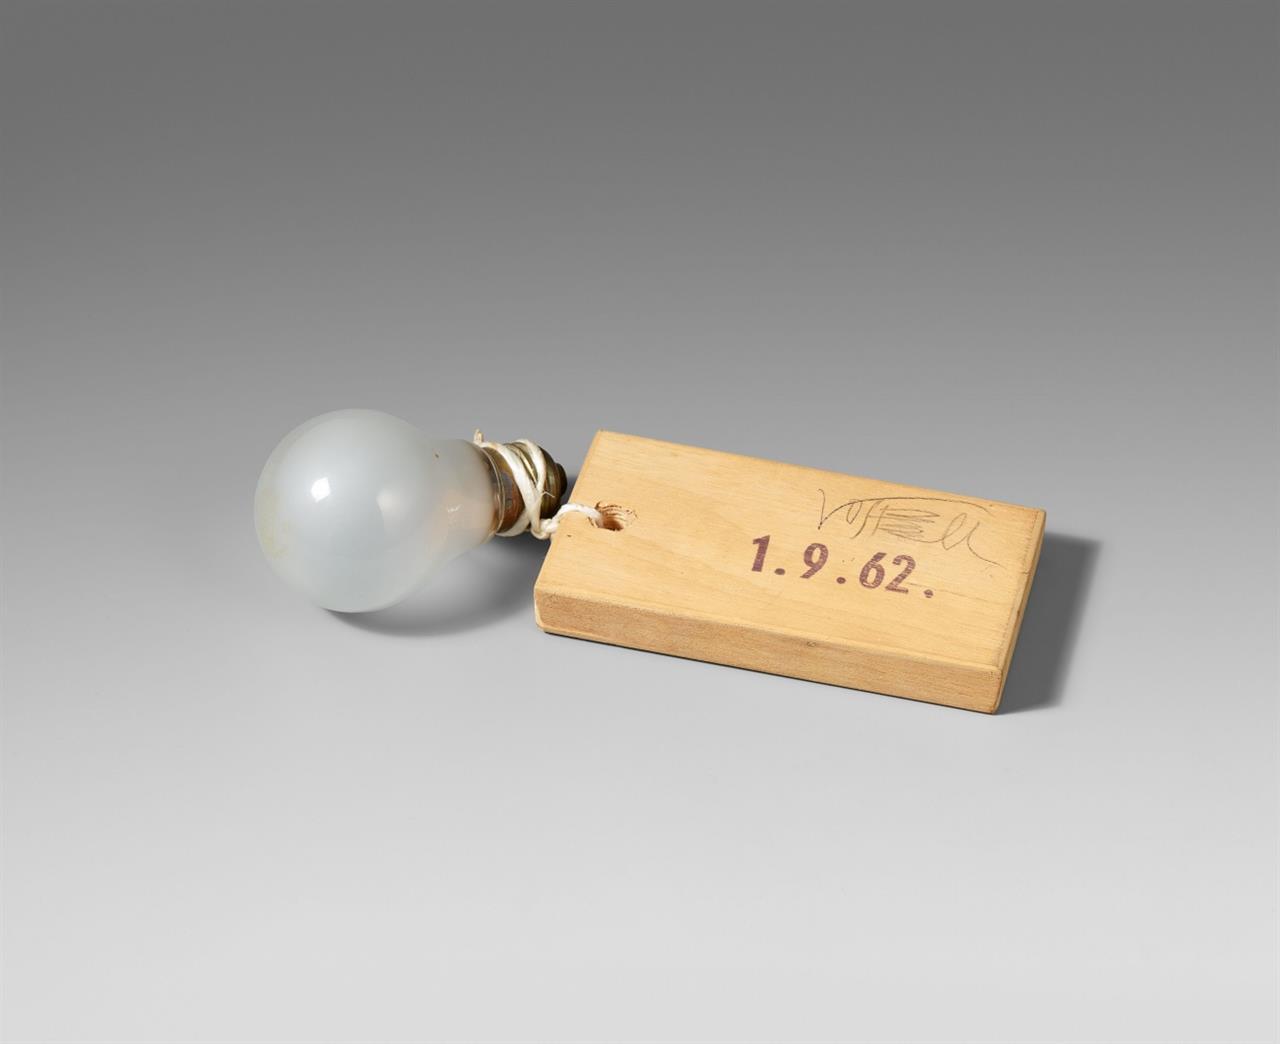 Wolf Vostell. Glühbirne. 1962. Glühbirne mit Holz. Signiert.